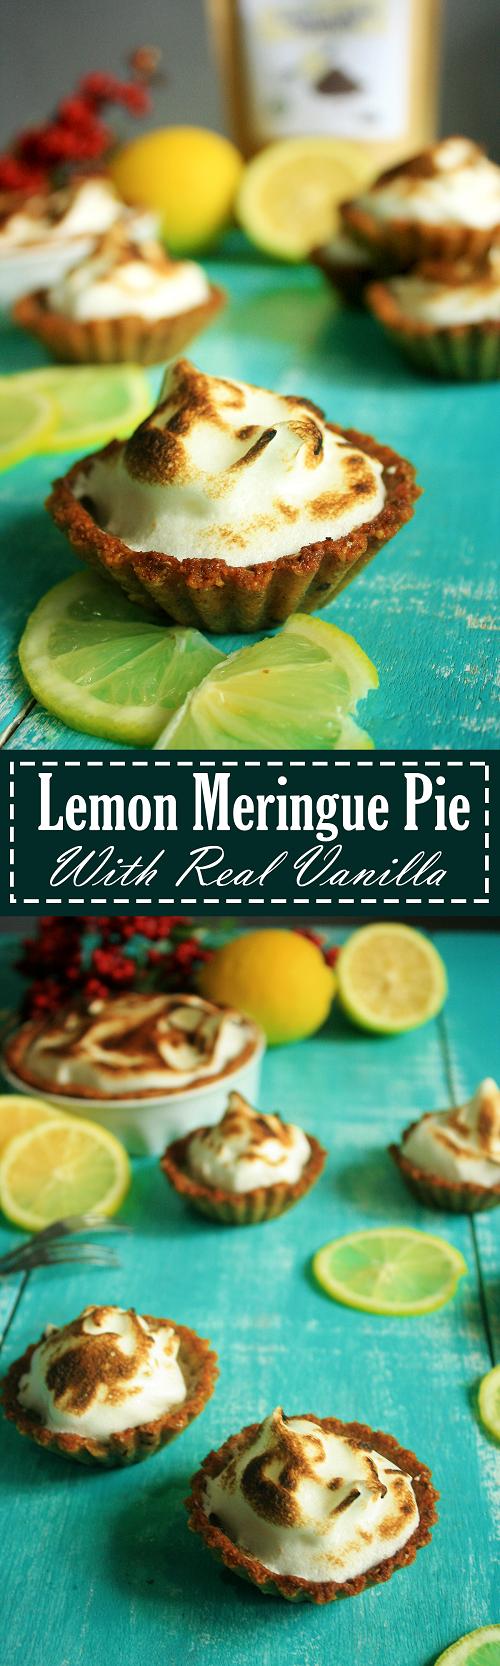 Lemon Meringue Pie Recipe - Sunny Day Naturals